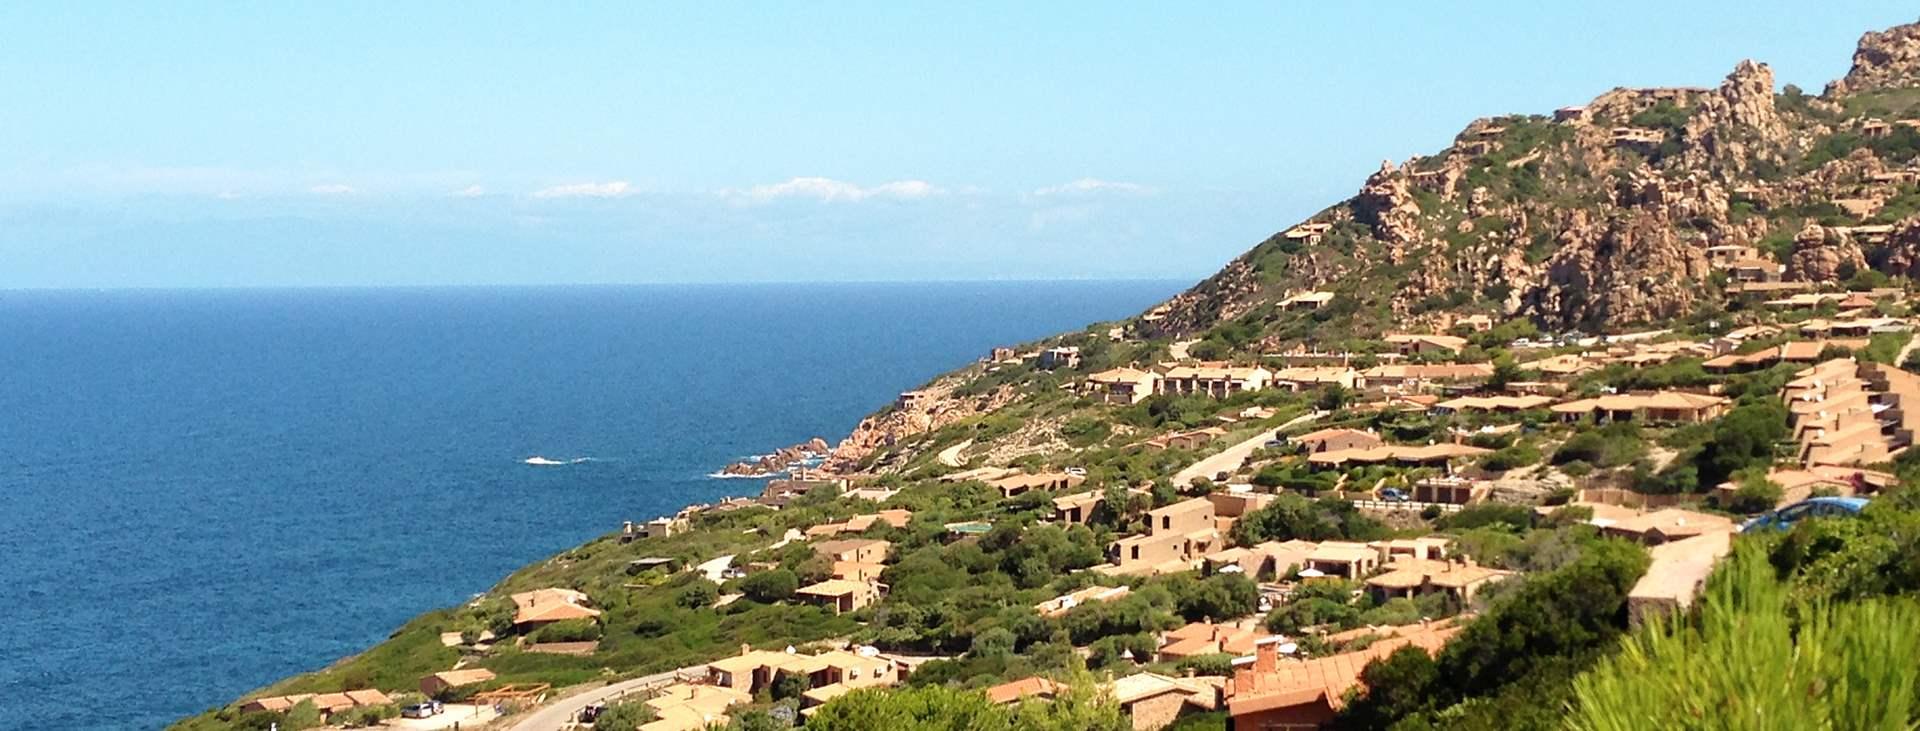 Bestill en reise med Ving til Sardinia